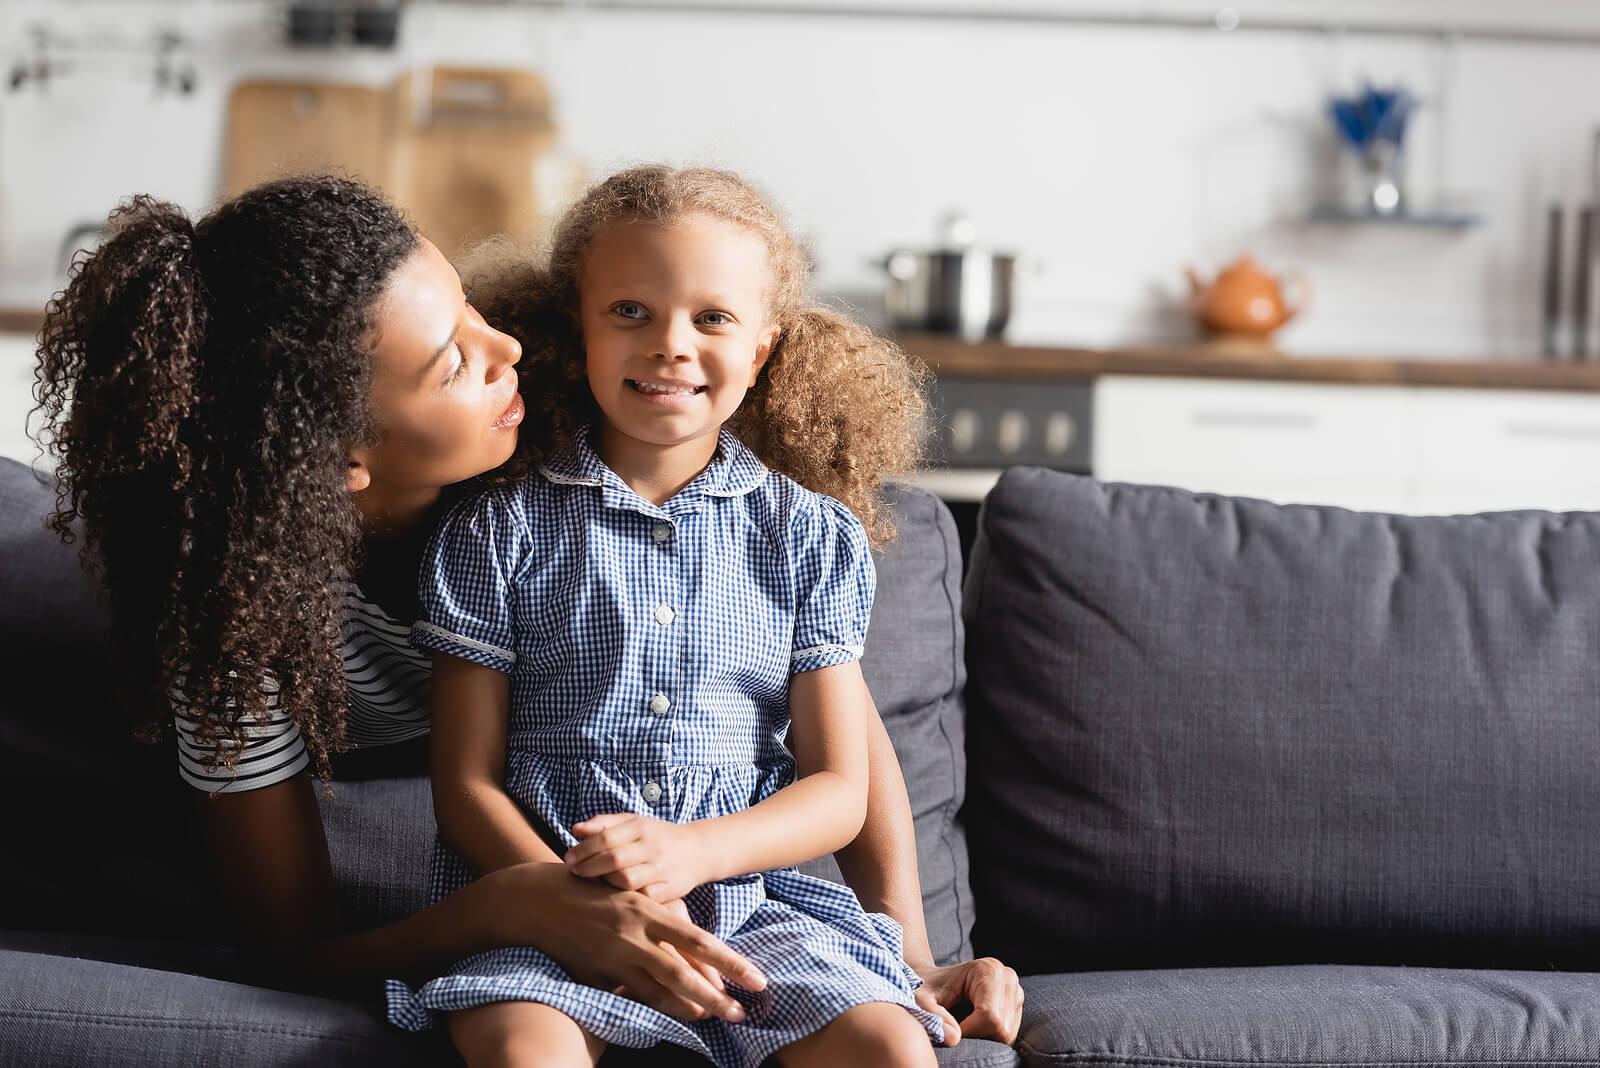 Madre hablando con su hija para desarrollar madurez emocional.